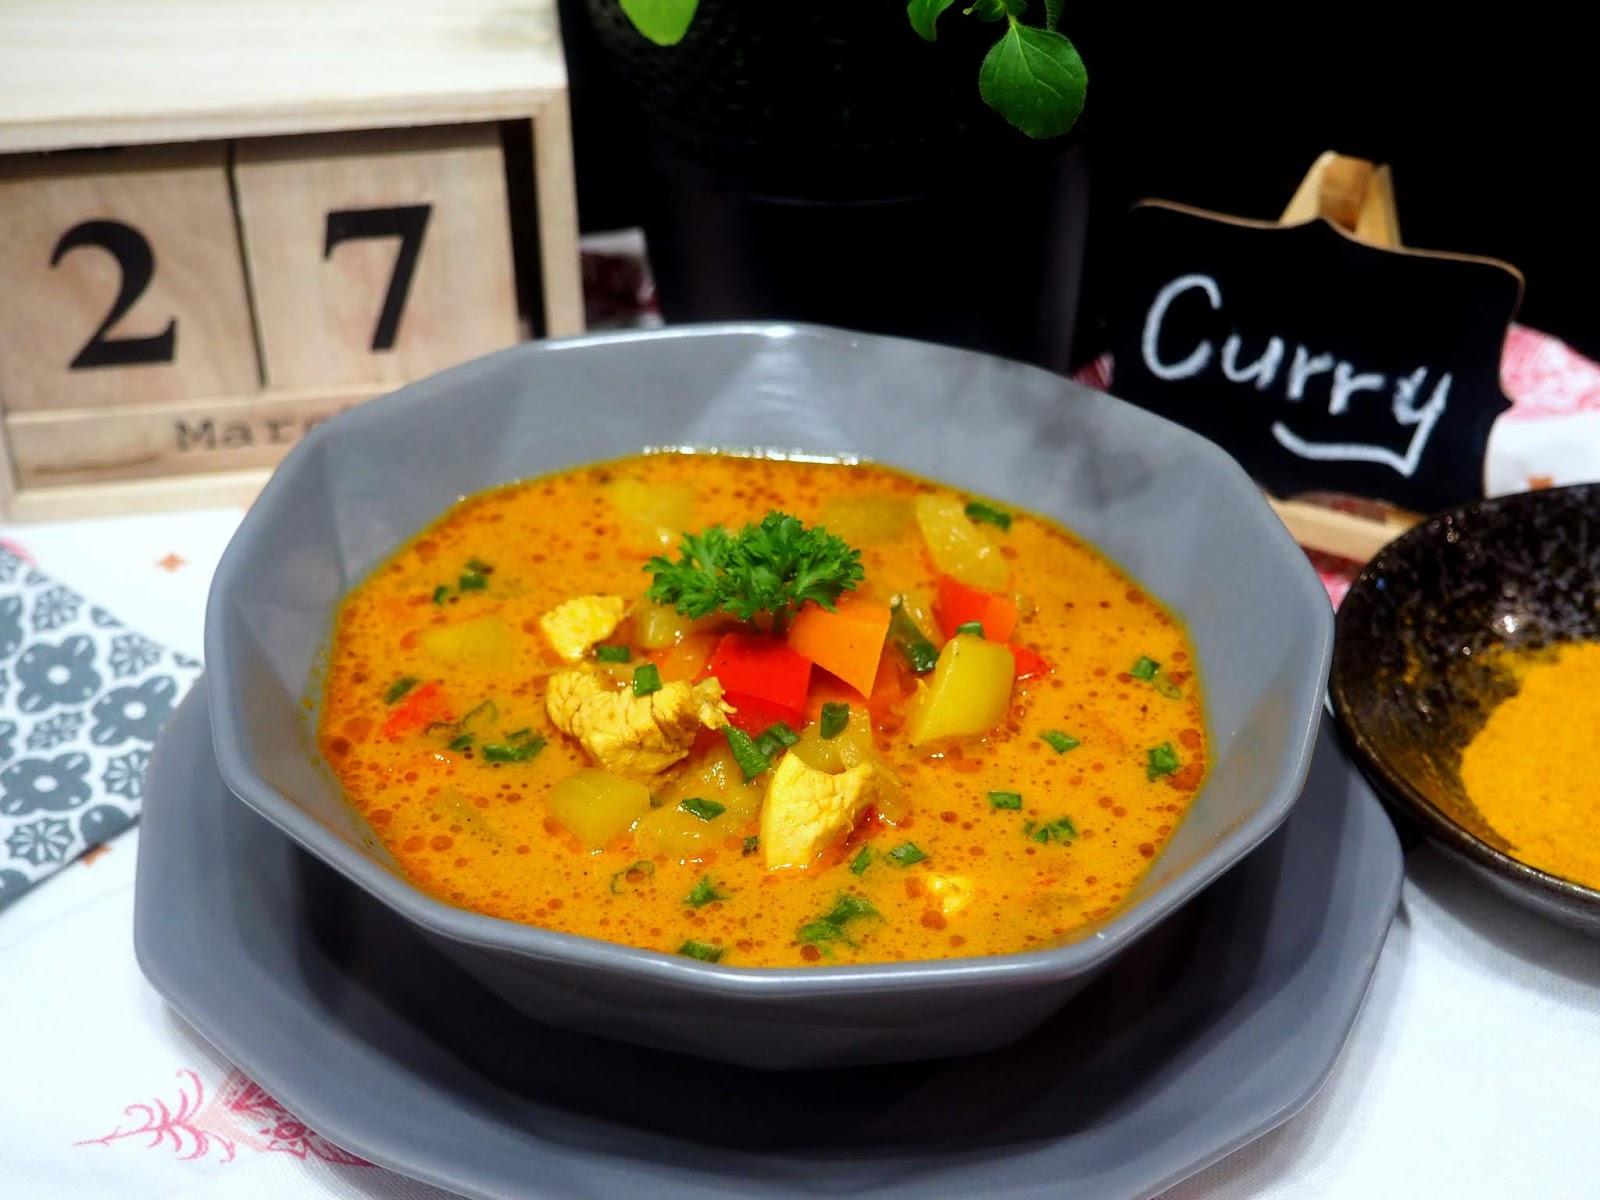 Zupa Curry Z Kurczakiem I Cukinia Kuchnia Magdaleny